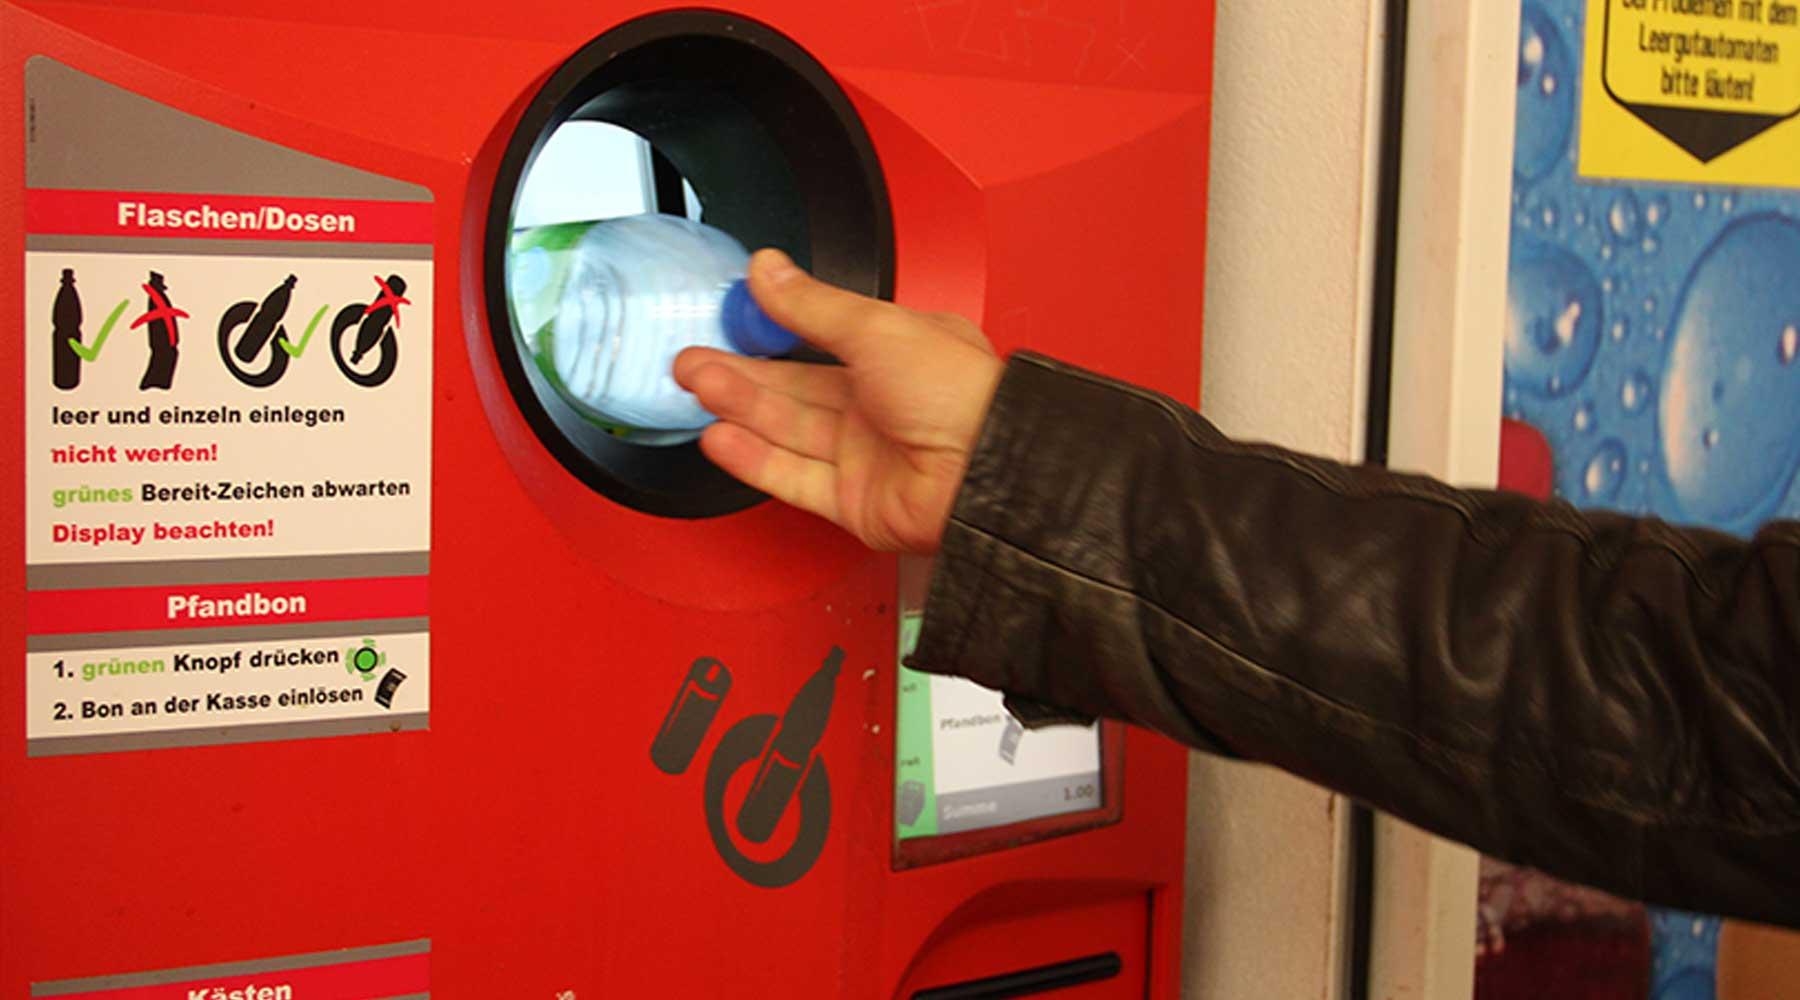 В Германии осудили заработавшего 44 тысячи евро на переработке мусора